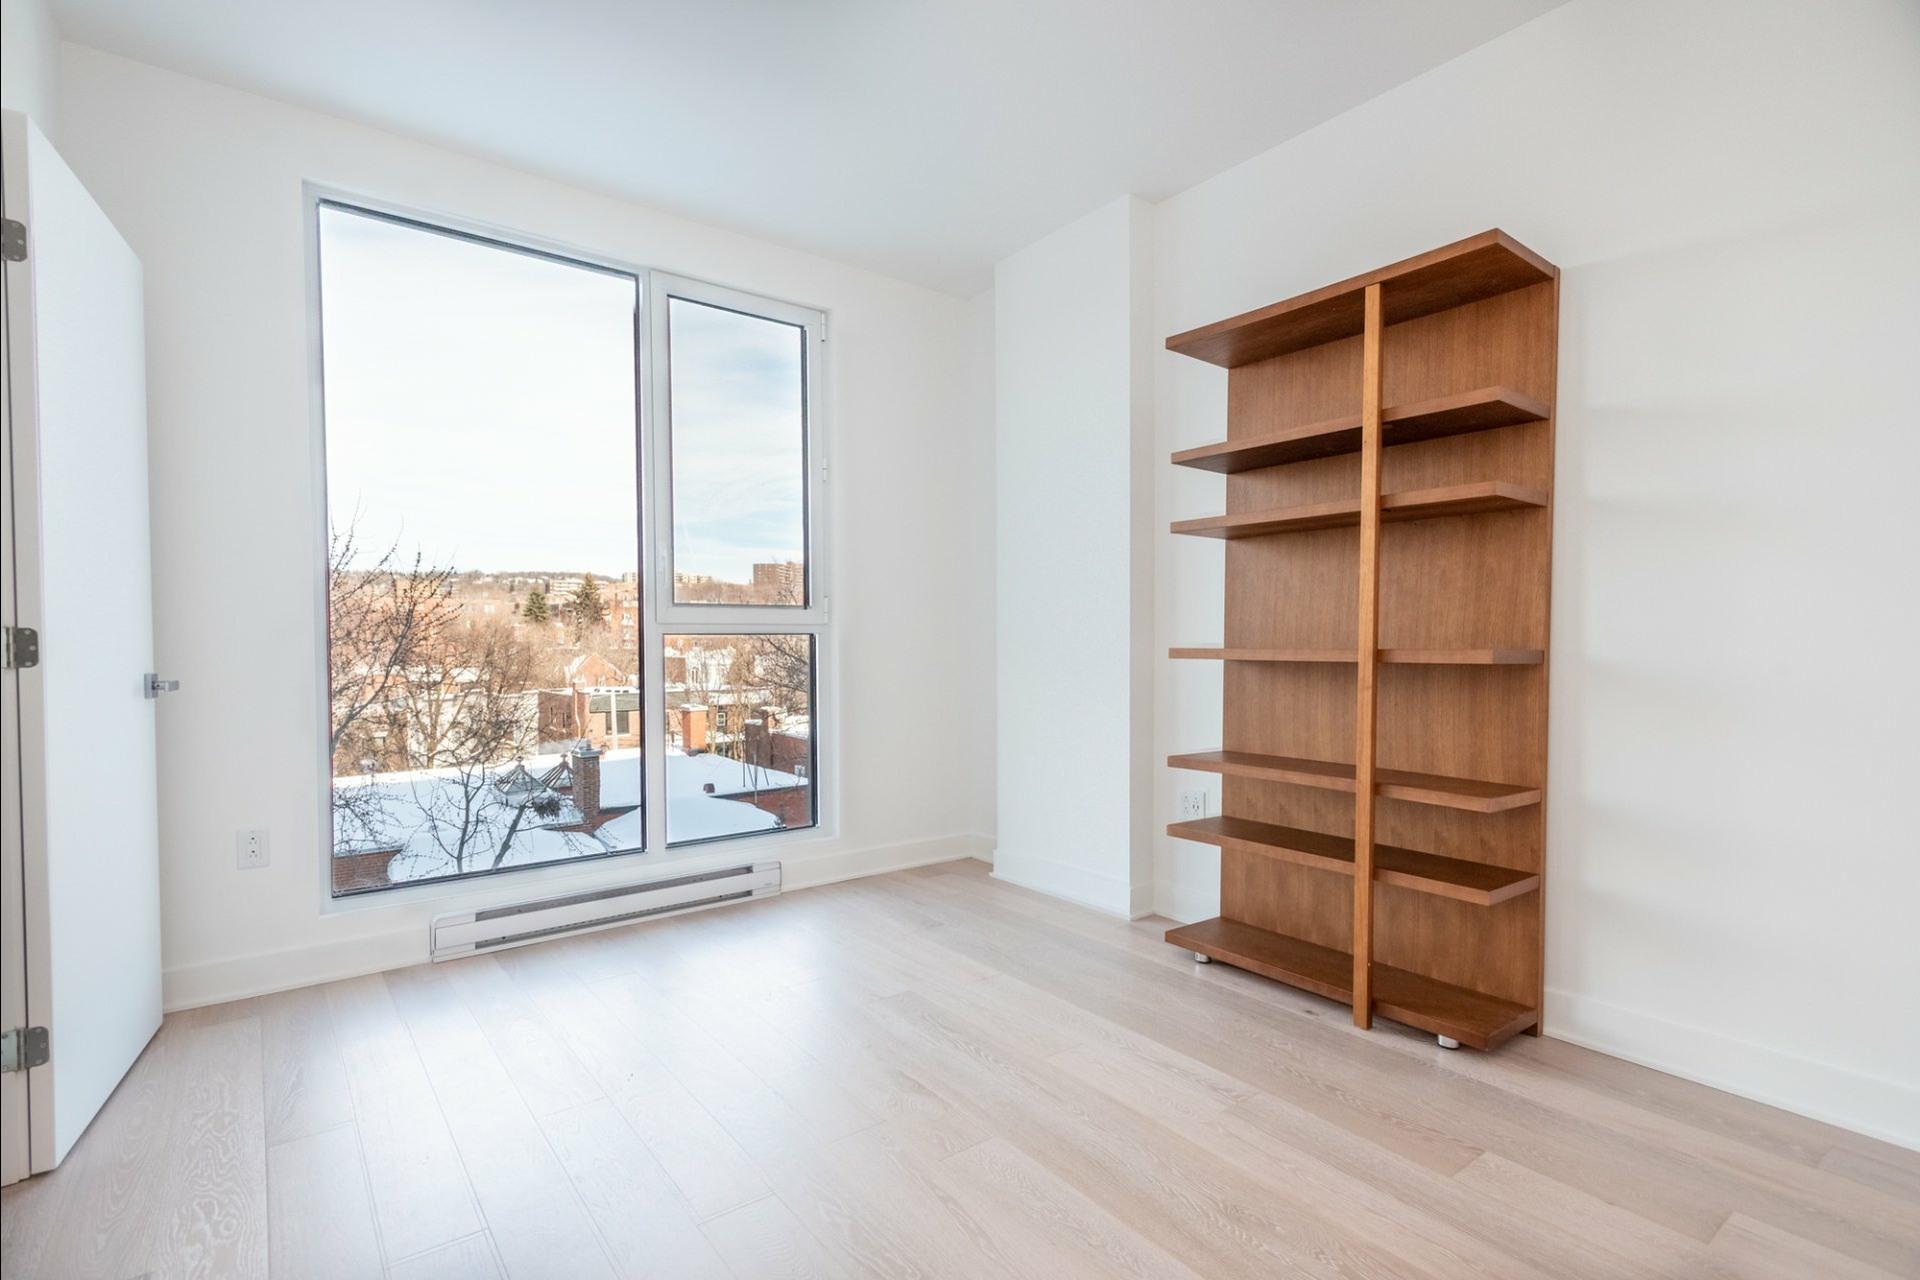 image 25 - Appartement À louer Côte-des-Neiges/Notre-Dame-de-Grâce Montréal  - 5 pièces